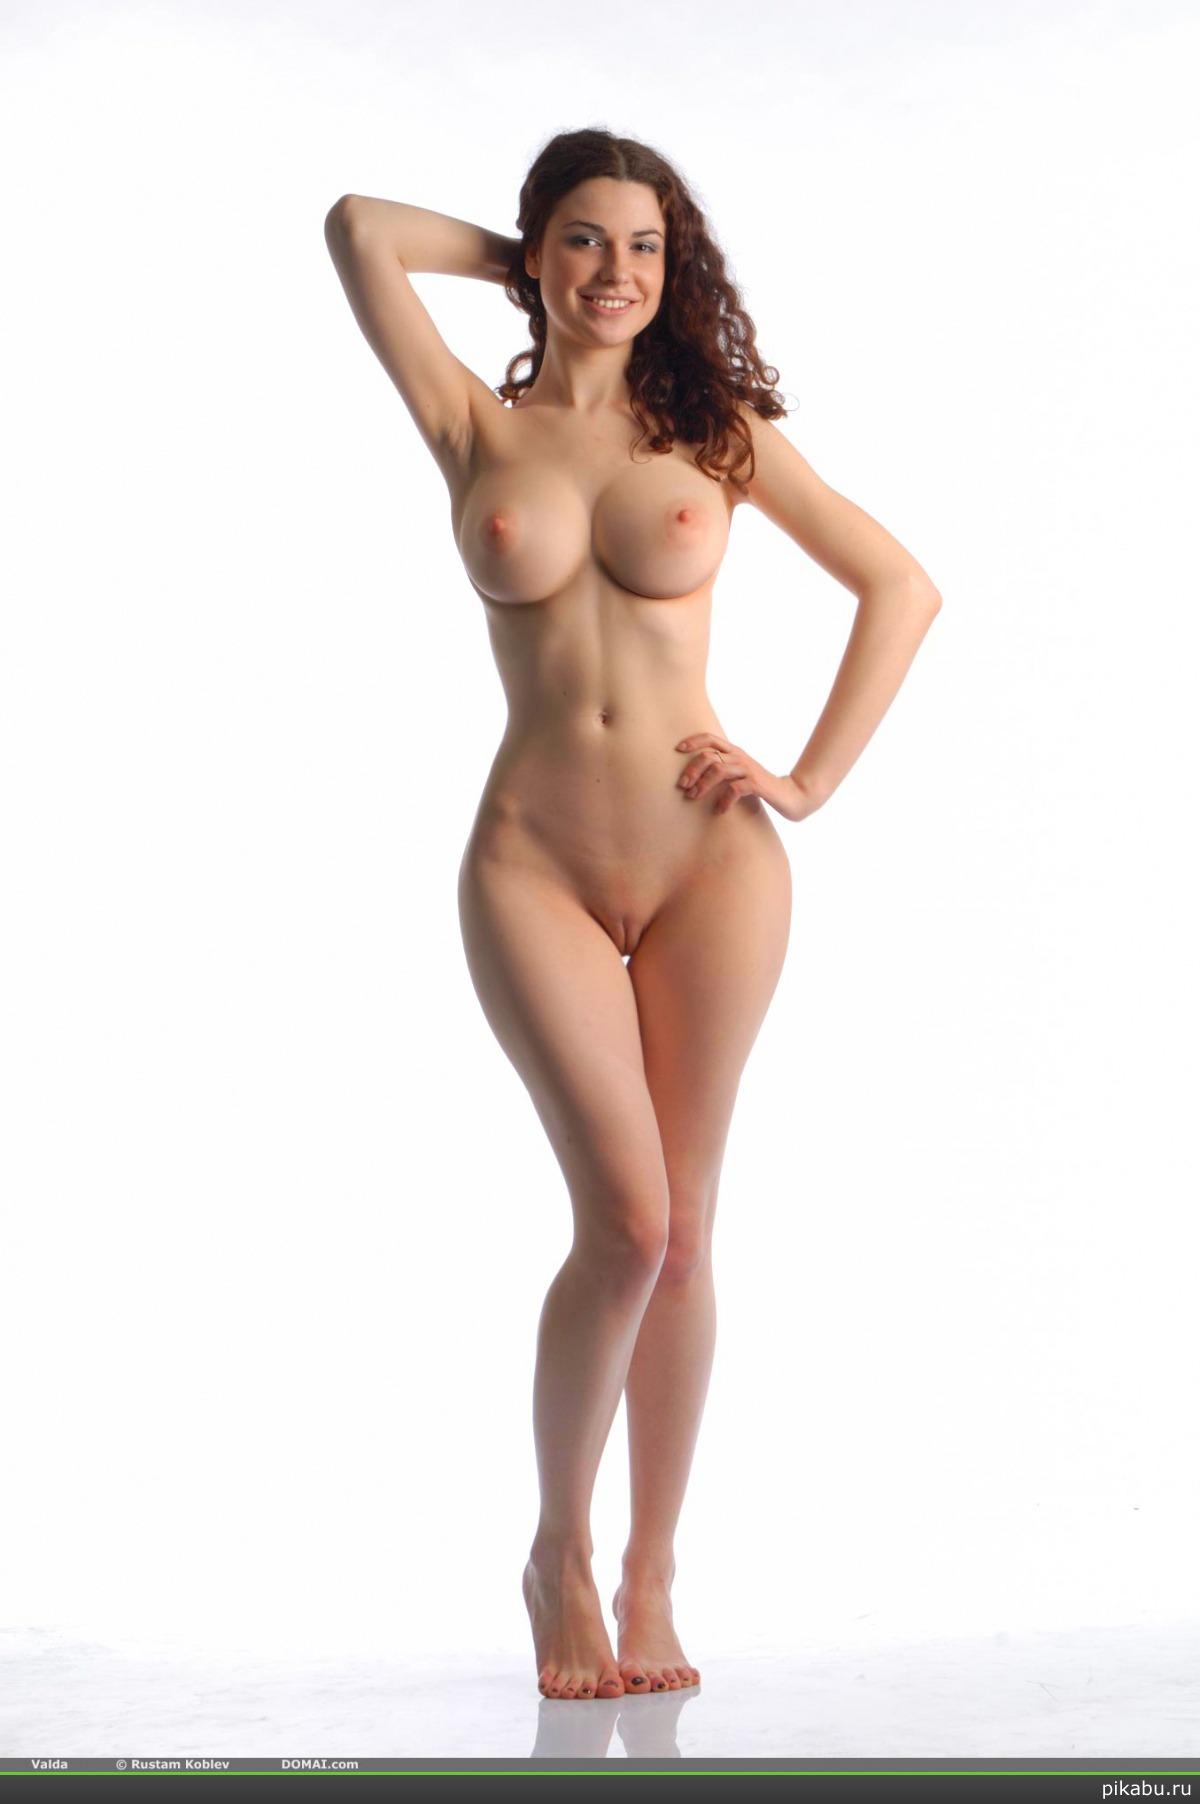 Секс с красивой фигурой 1 фотография